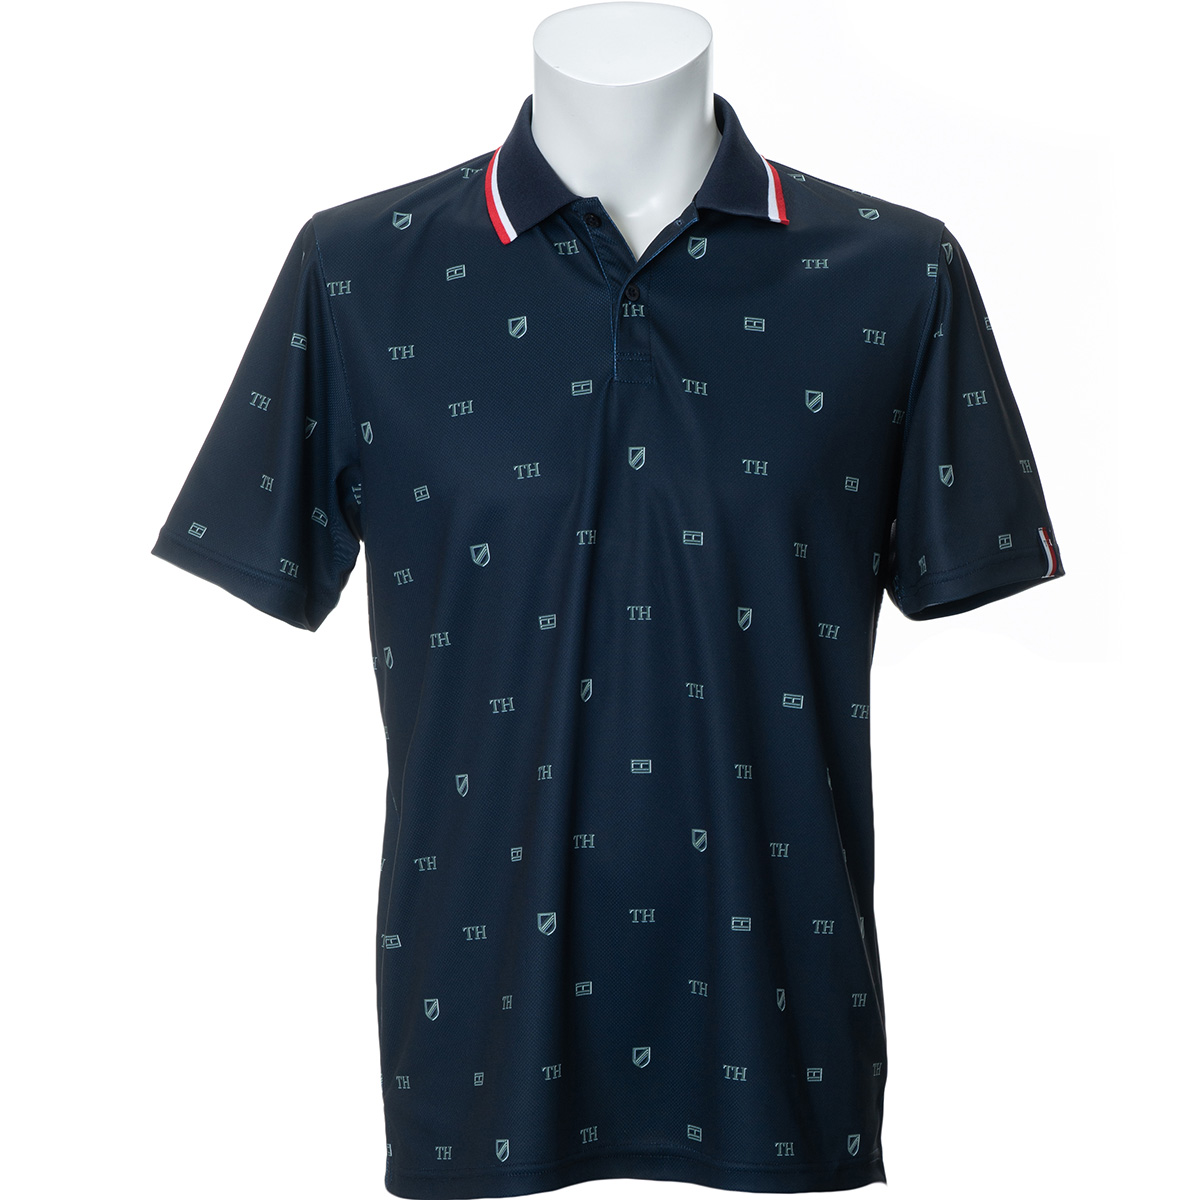 エンブレムプリント 半袖ポロシャツ